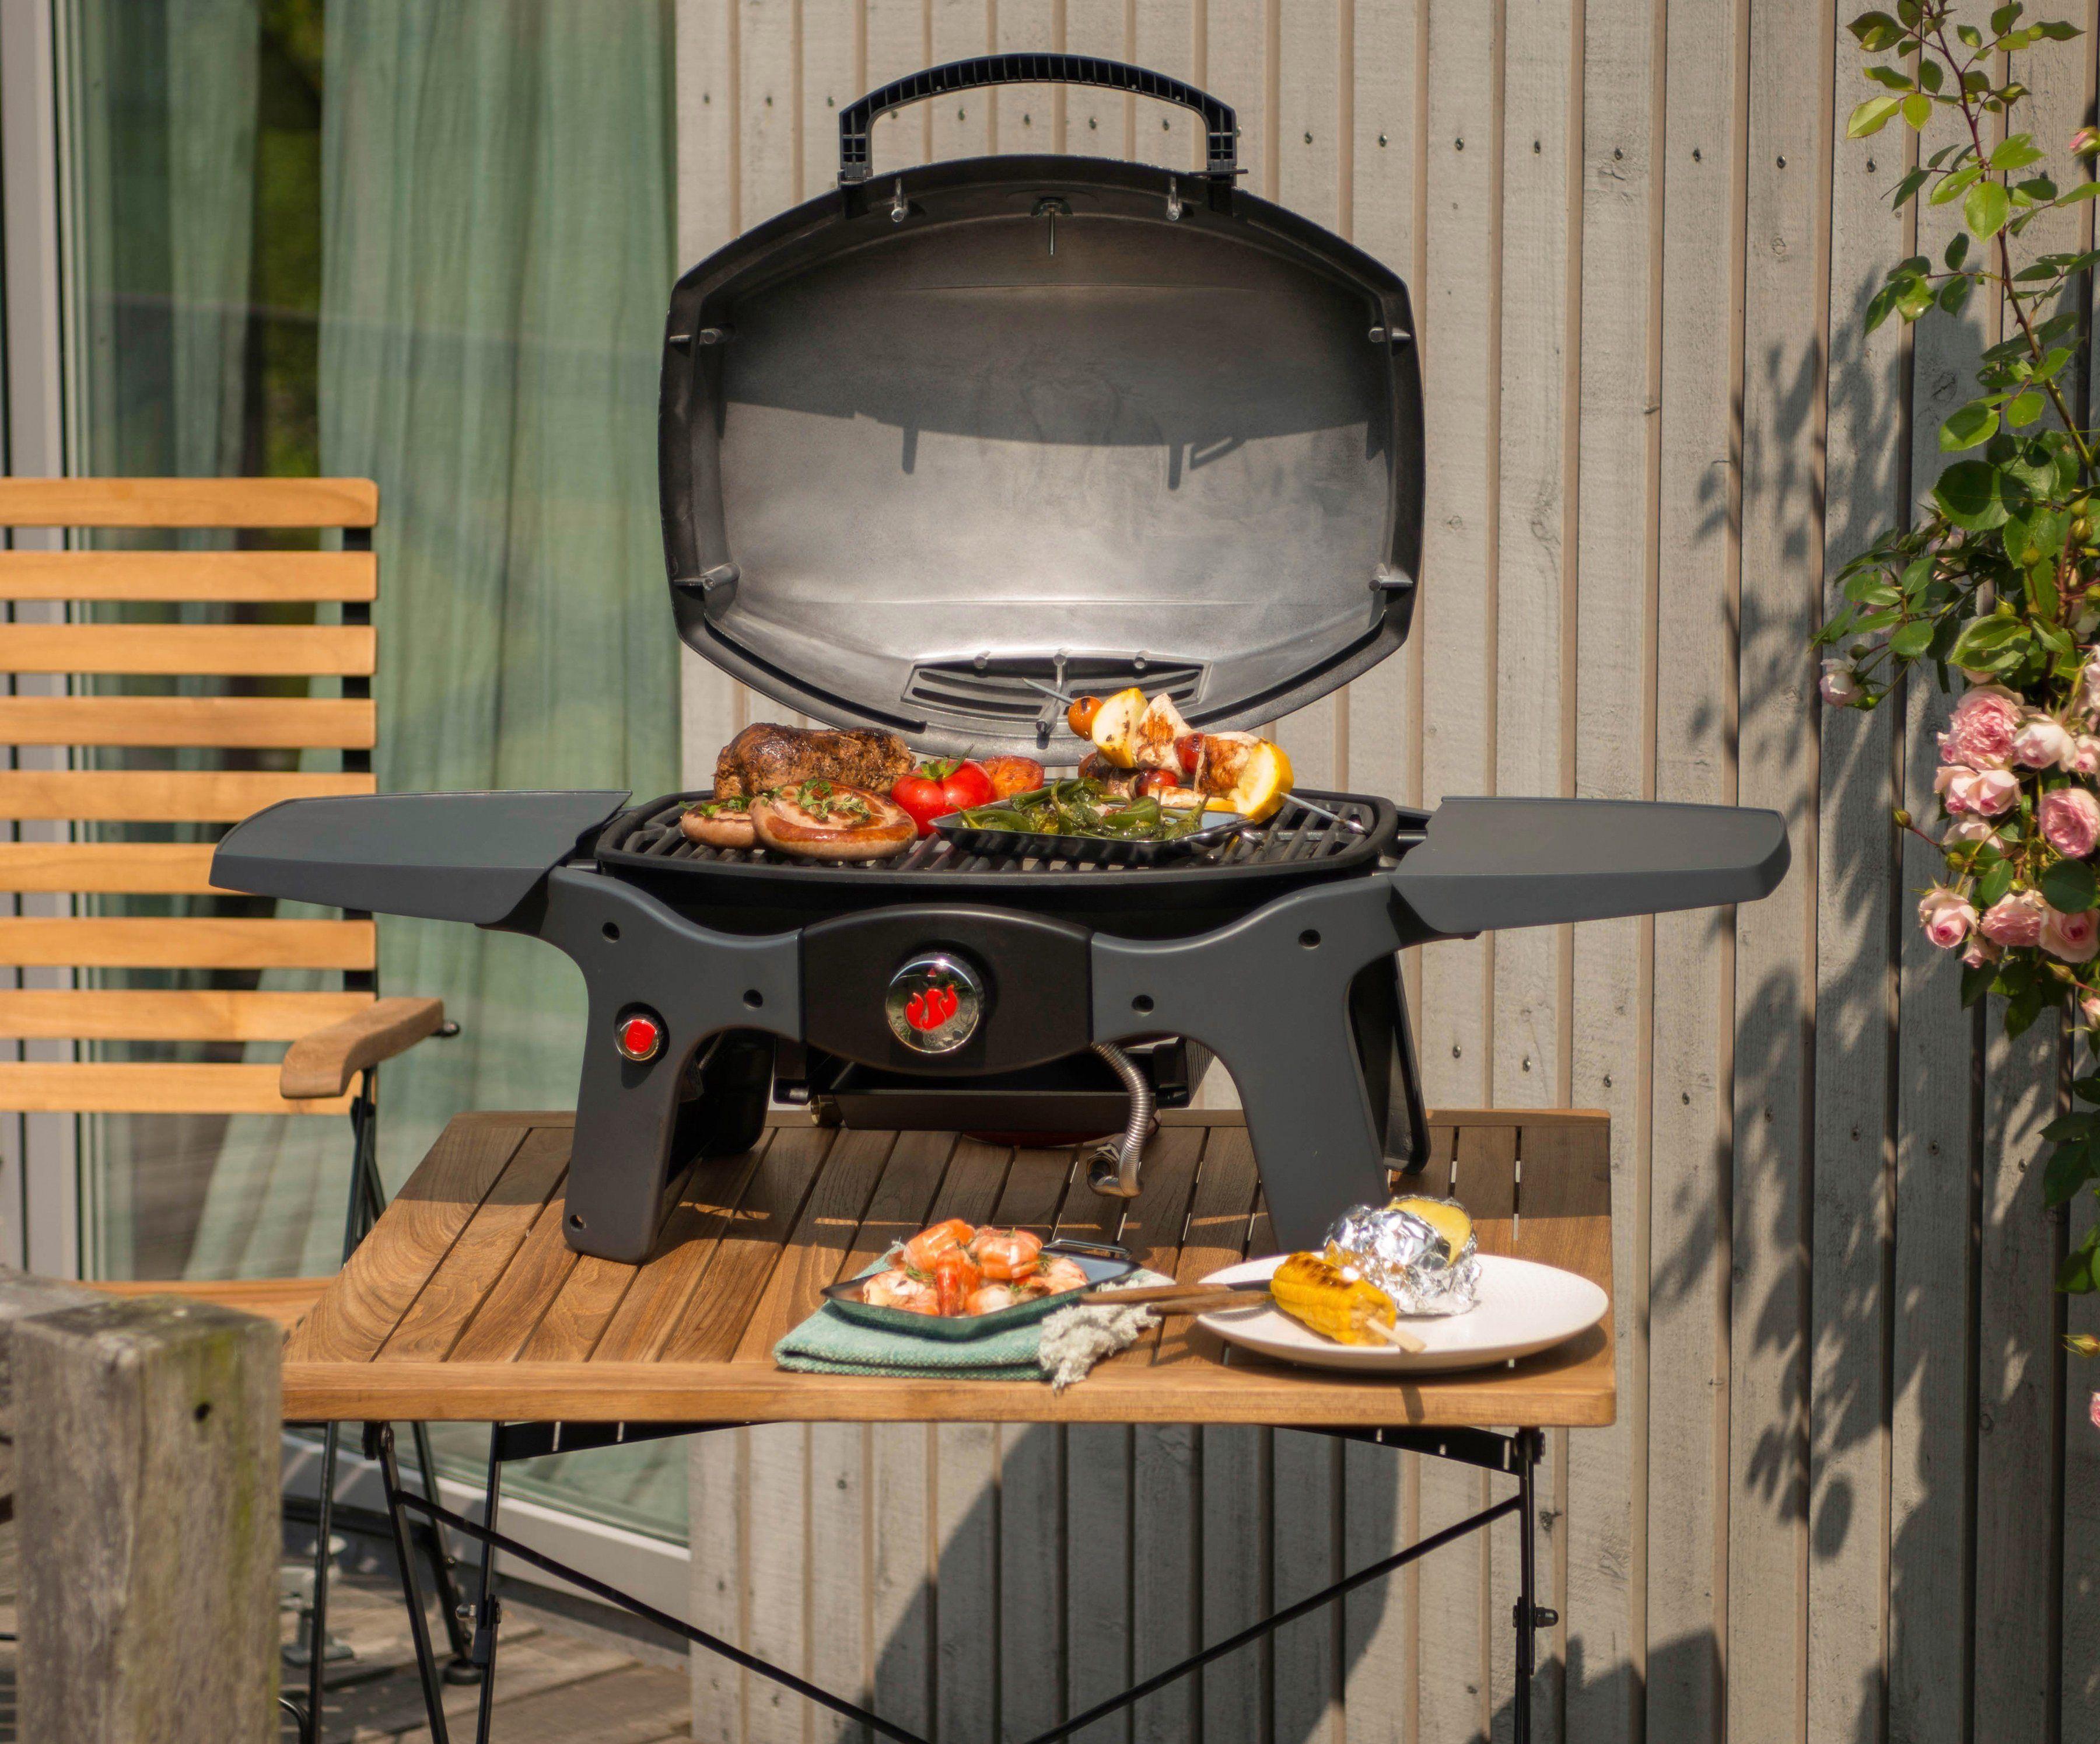 Landmann Gasgrill Zubehör : Grillroste kaufen grill zubehör bei hood seite